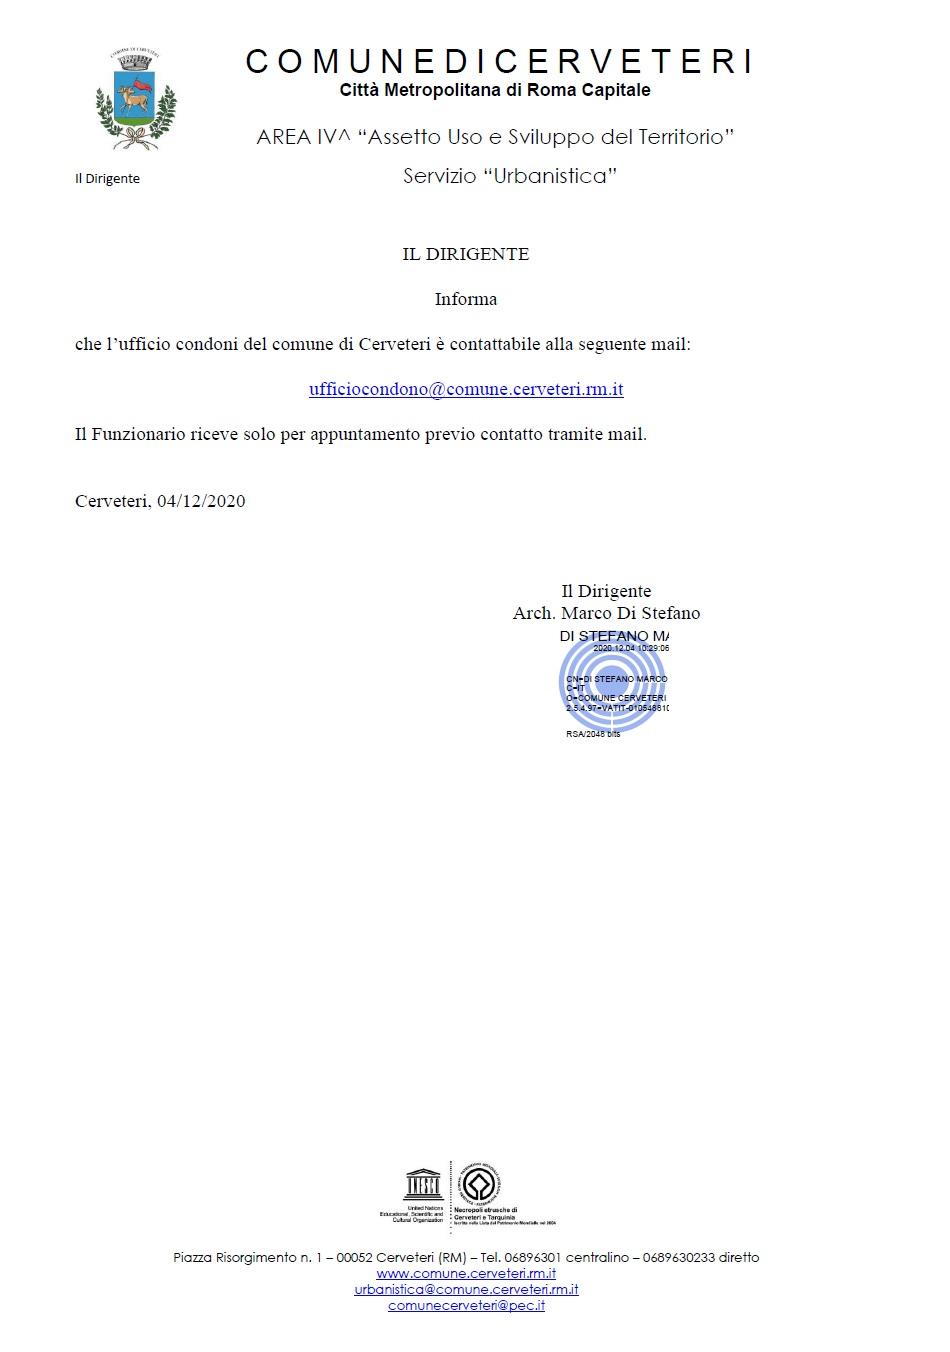 SERVIZIO URBANISTICA - UFFICIO CONDONI